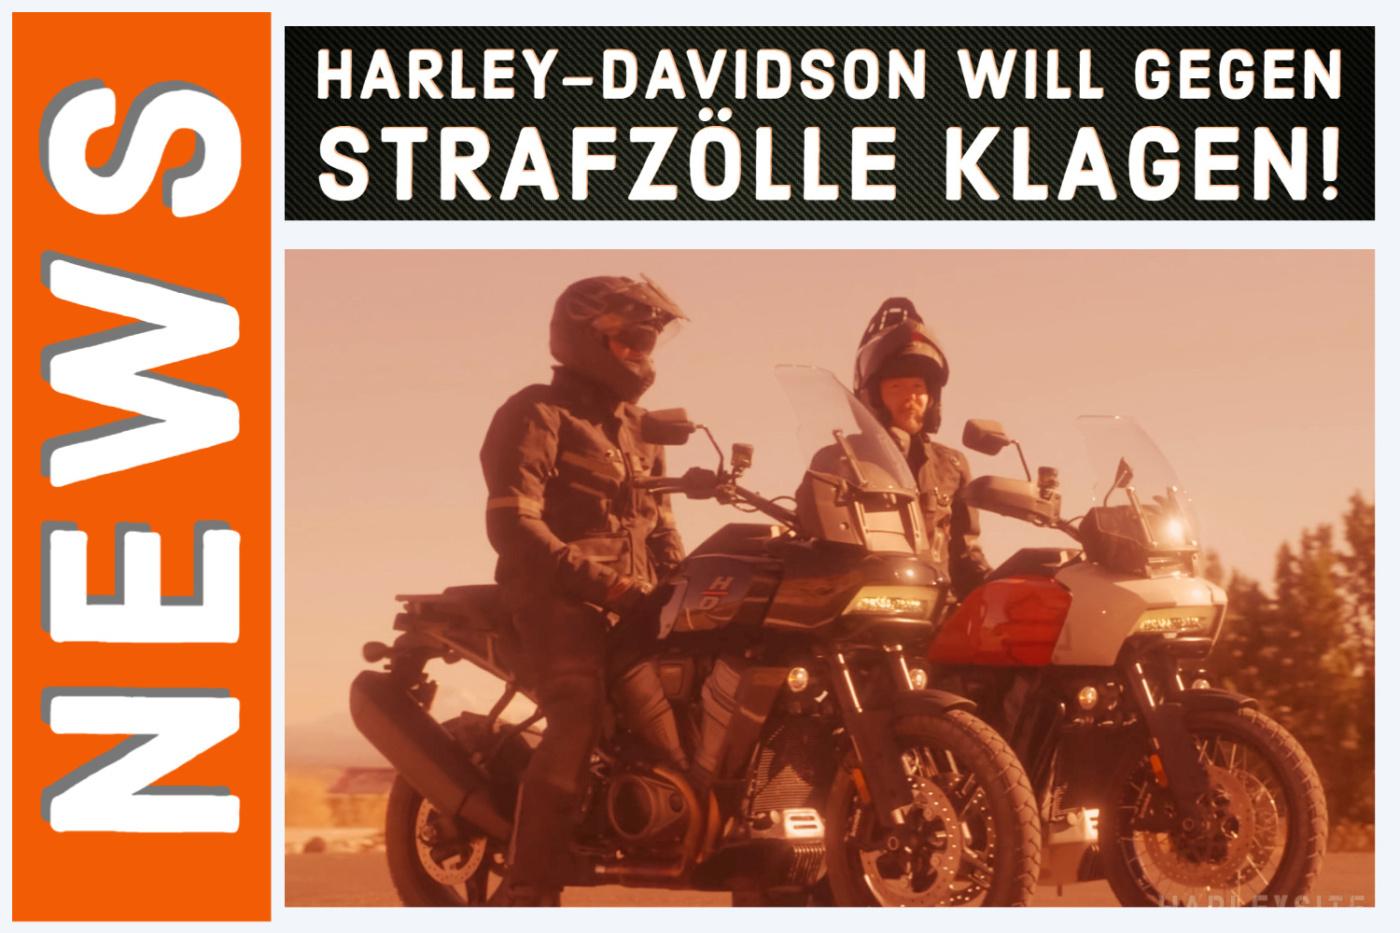 Harley-Davidson CEO Jochen Zeitz rechts, auf der Pan America unterwegs.